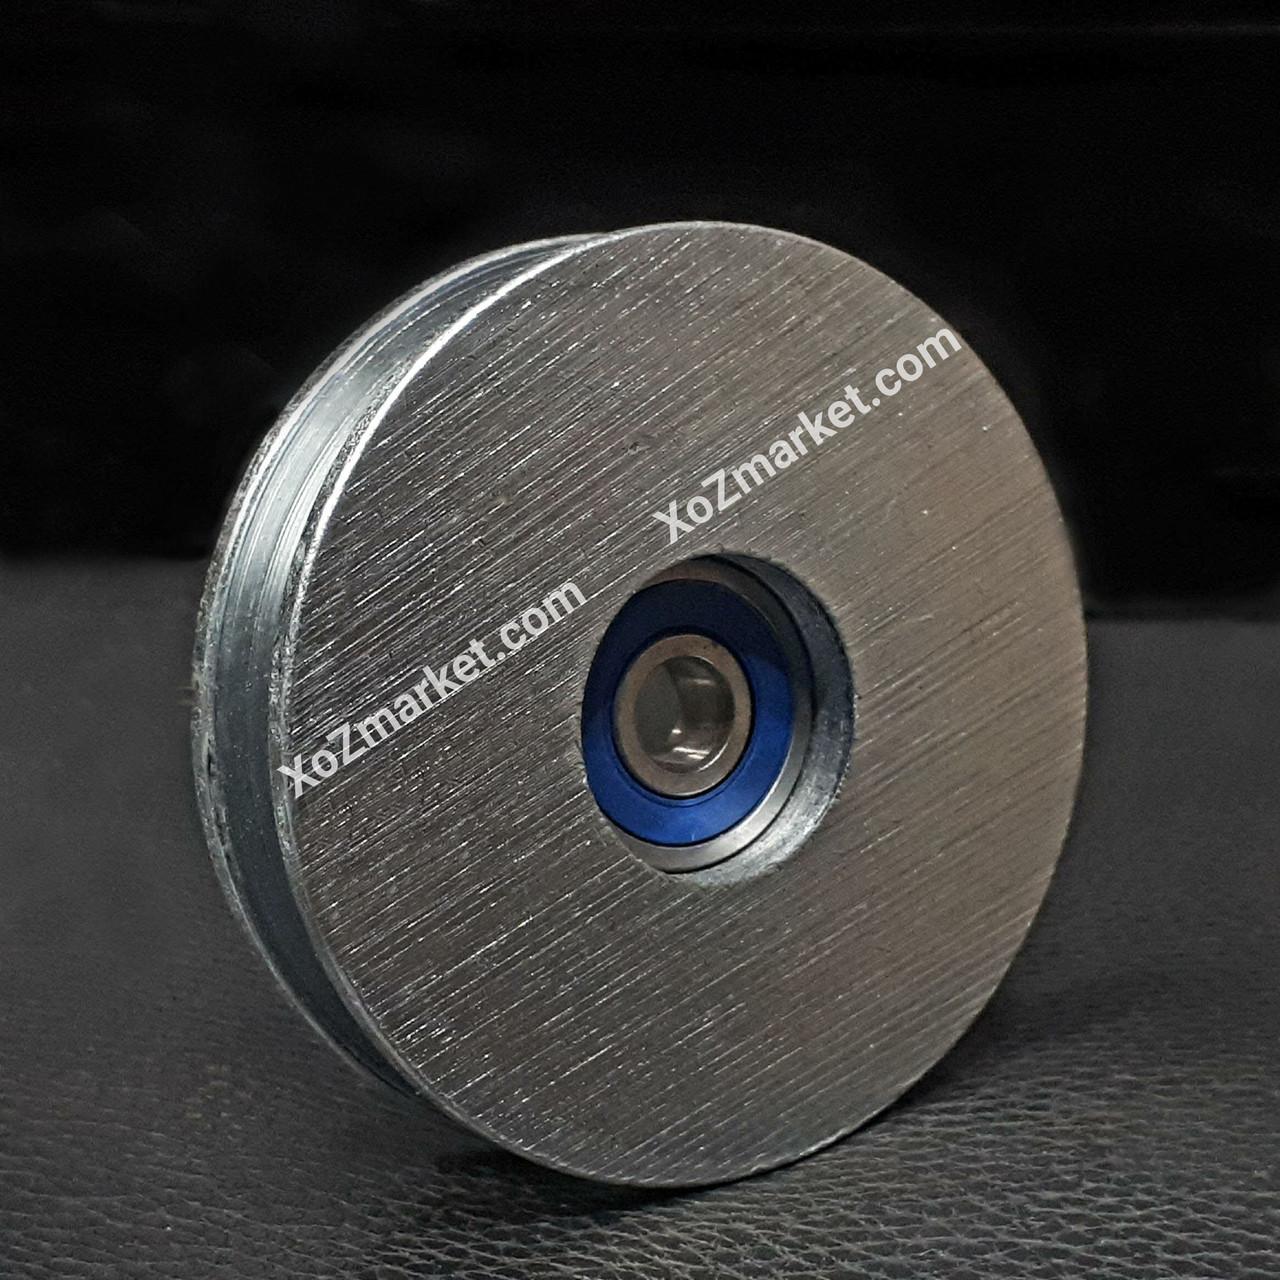 Ролик сталевий з підшипником Ø 45 мм ➡️ Ролик монтажний з підшипником одинарний 250 кг ➡️ ОПТ